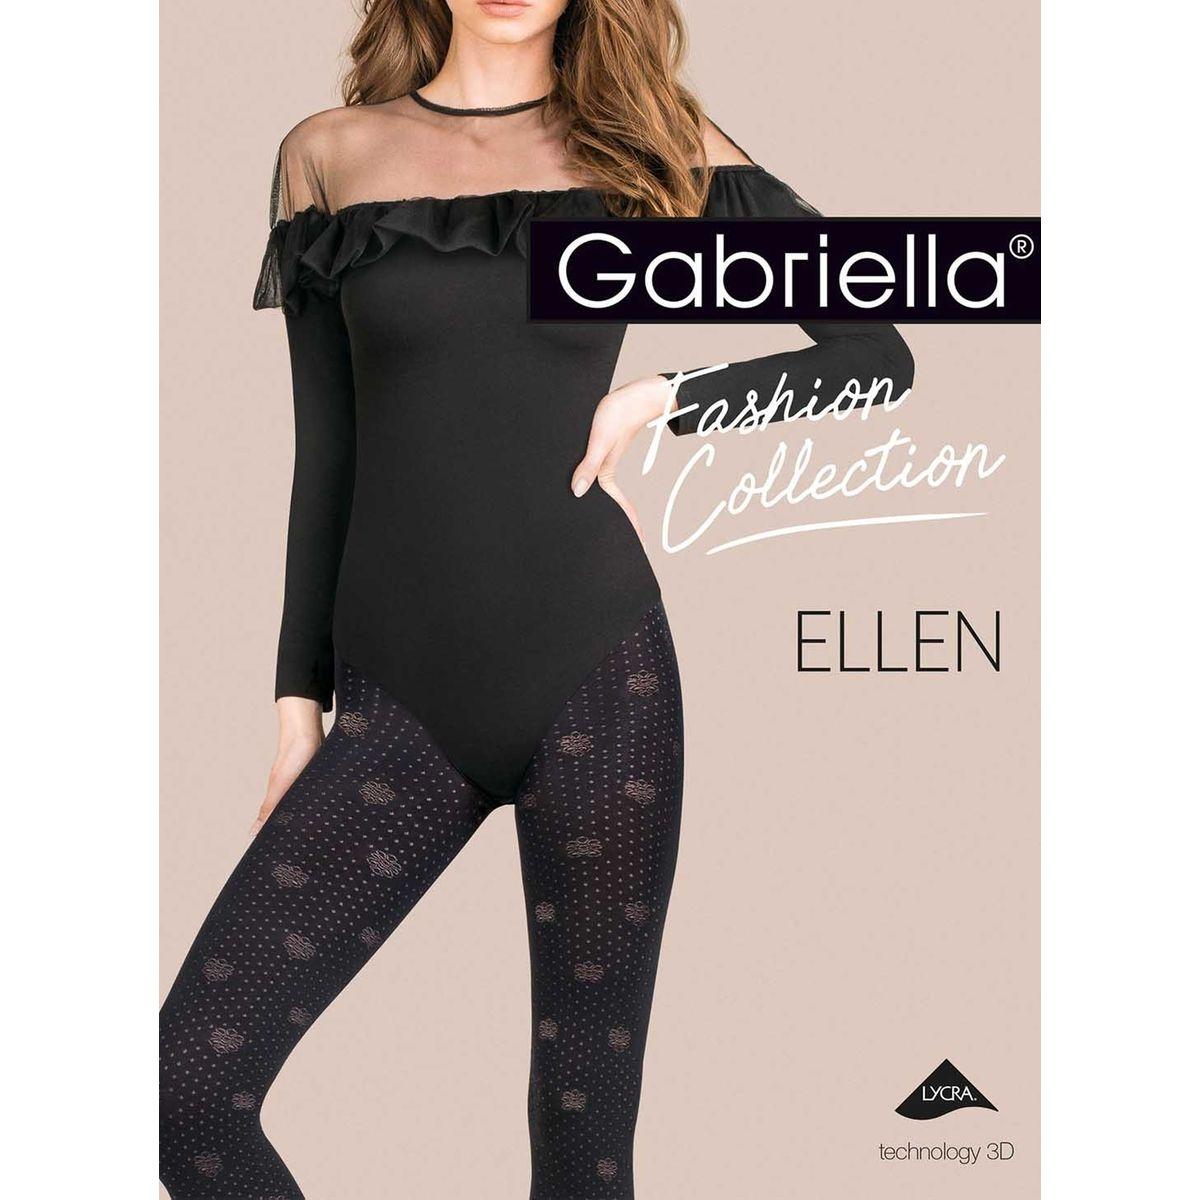 Collant Gabriella Ellen